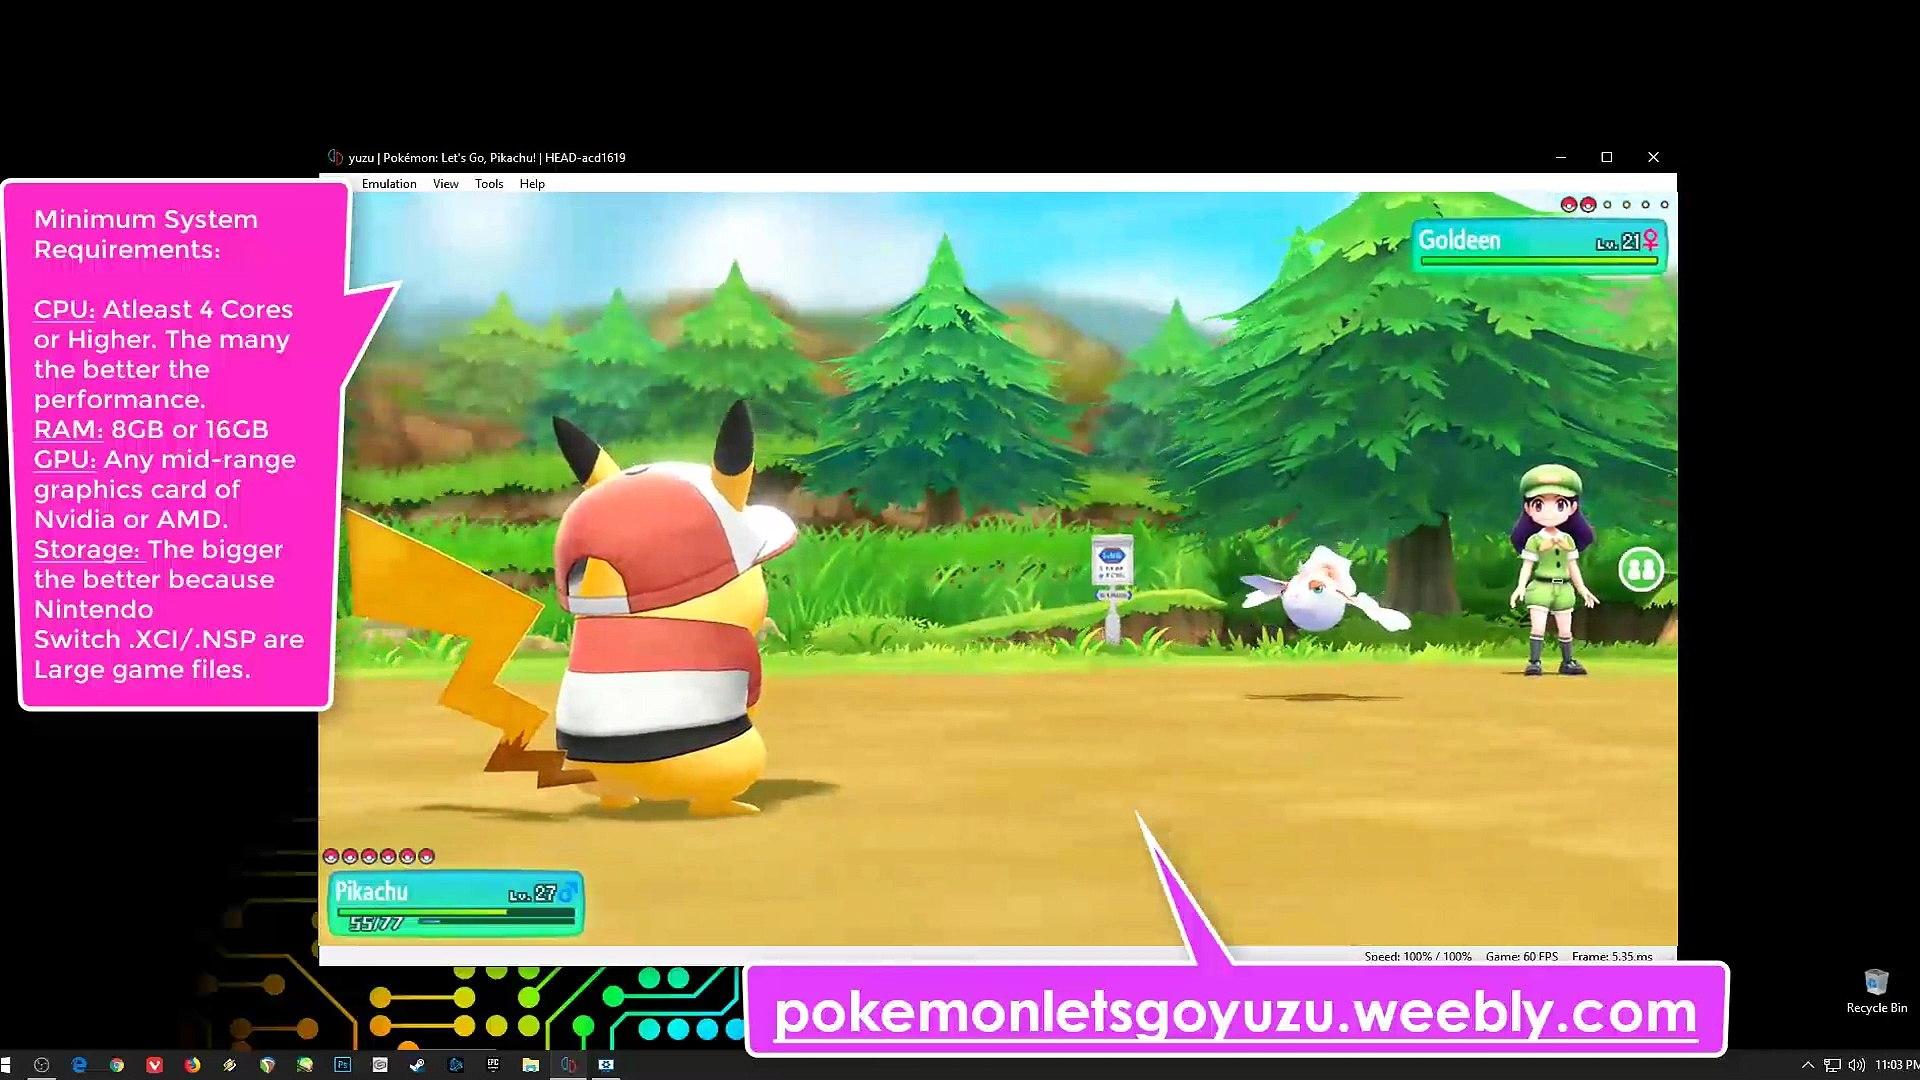 Descargar Pokémon Let's Go Pikachu! PC